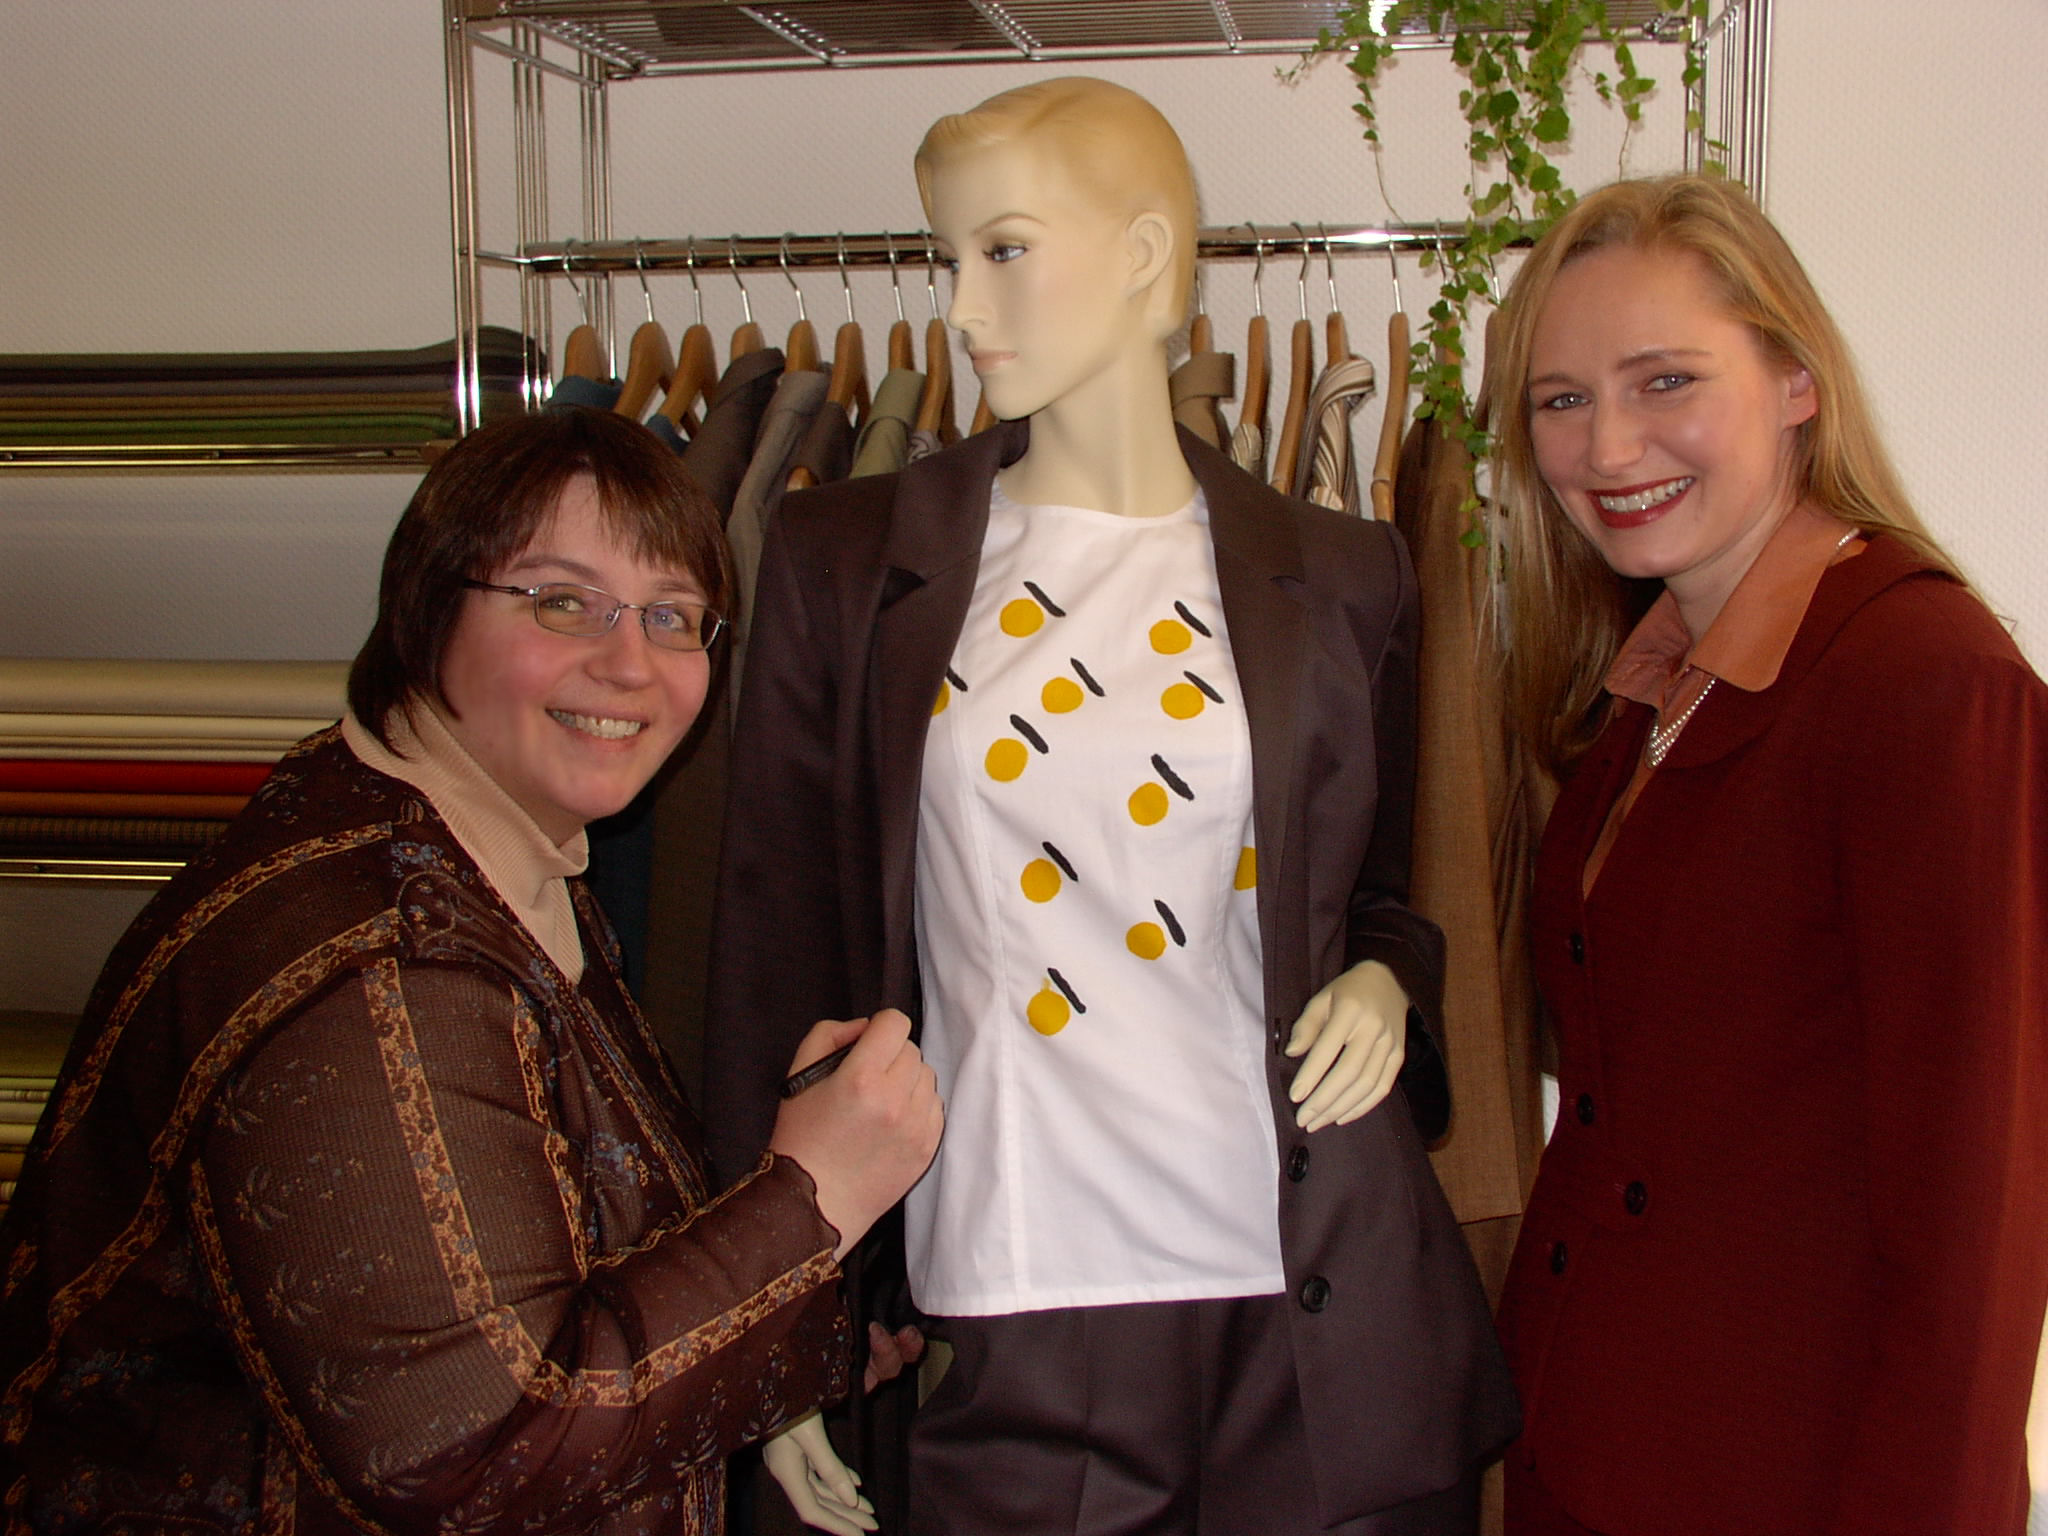 Ausstellung Ute Hunger Moden, Bietigheim 2006